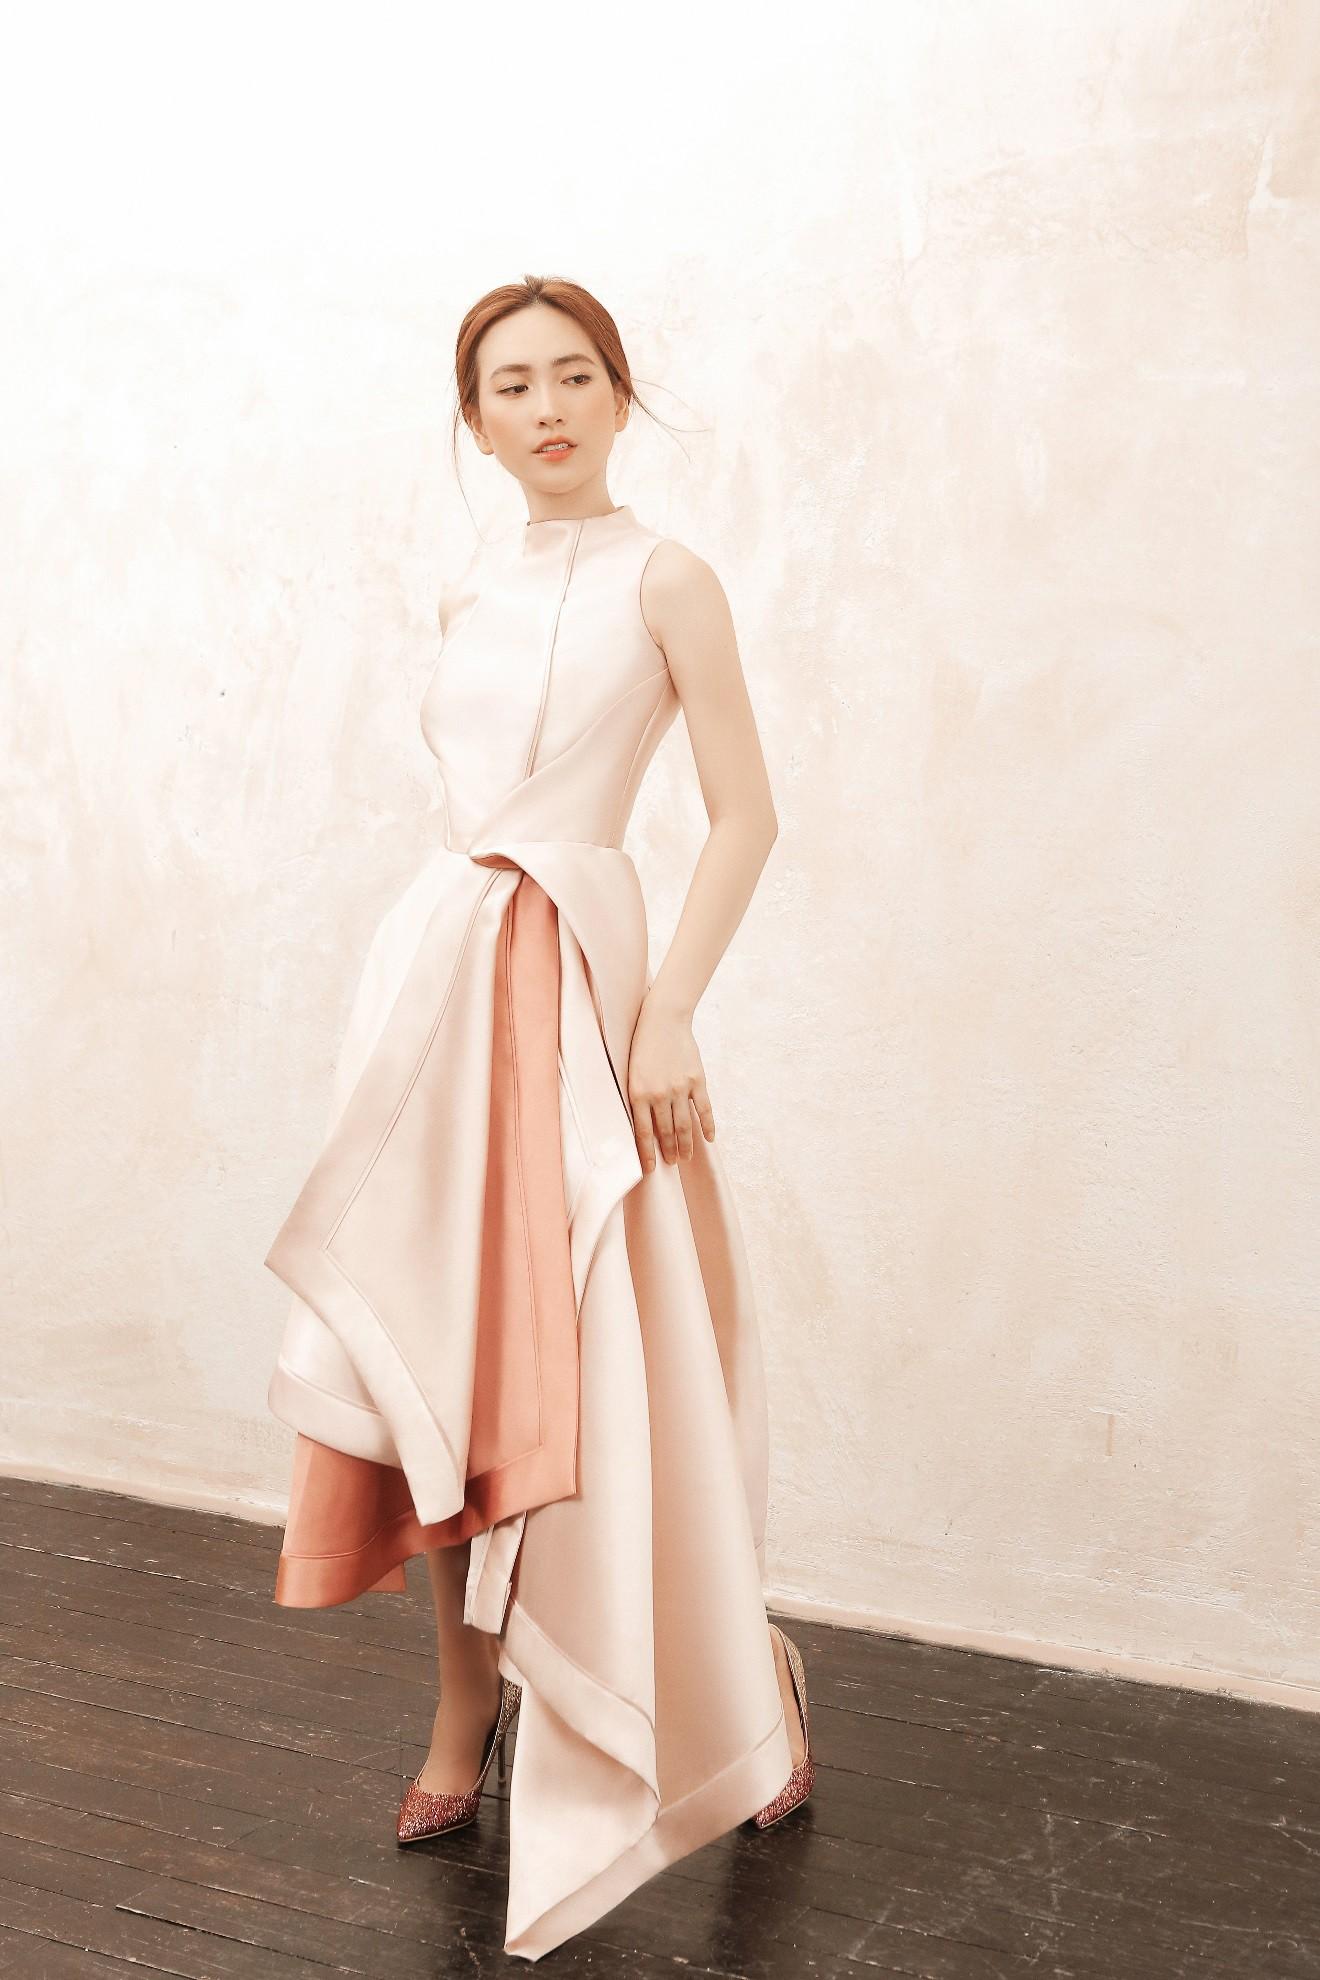 """Sau """"Chàng vợ của em"""", Phương Anh Đào đầy xinh đẹp, cuốn hút trong BST từng xuất hiện trên Vogue của PHUONG MY - Ảnh 9."""